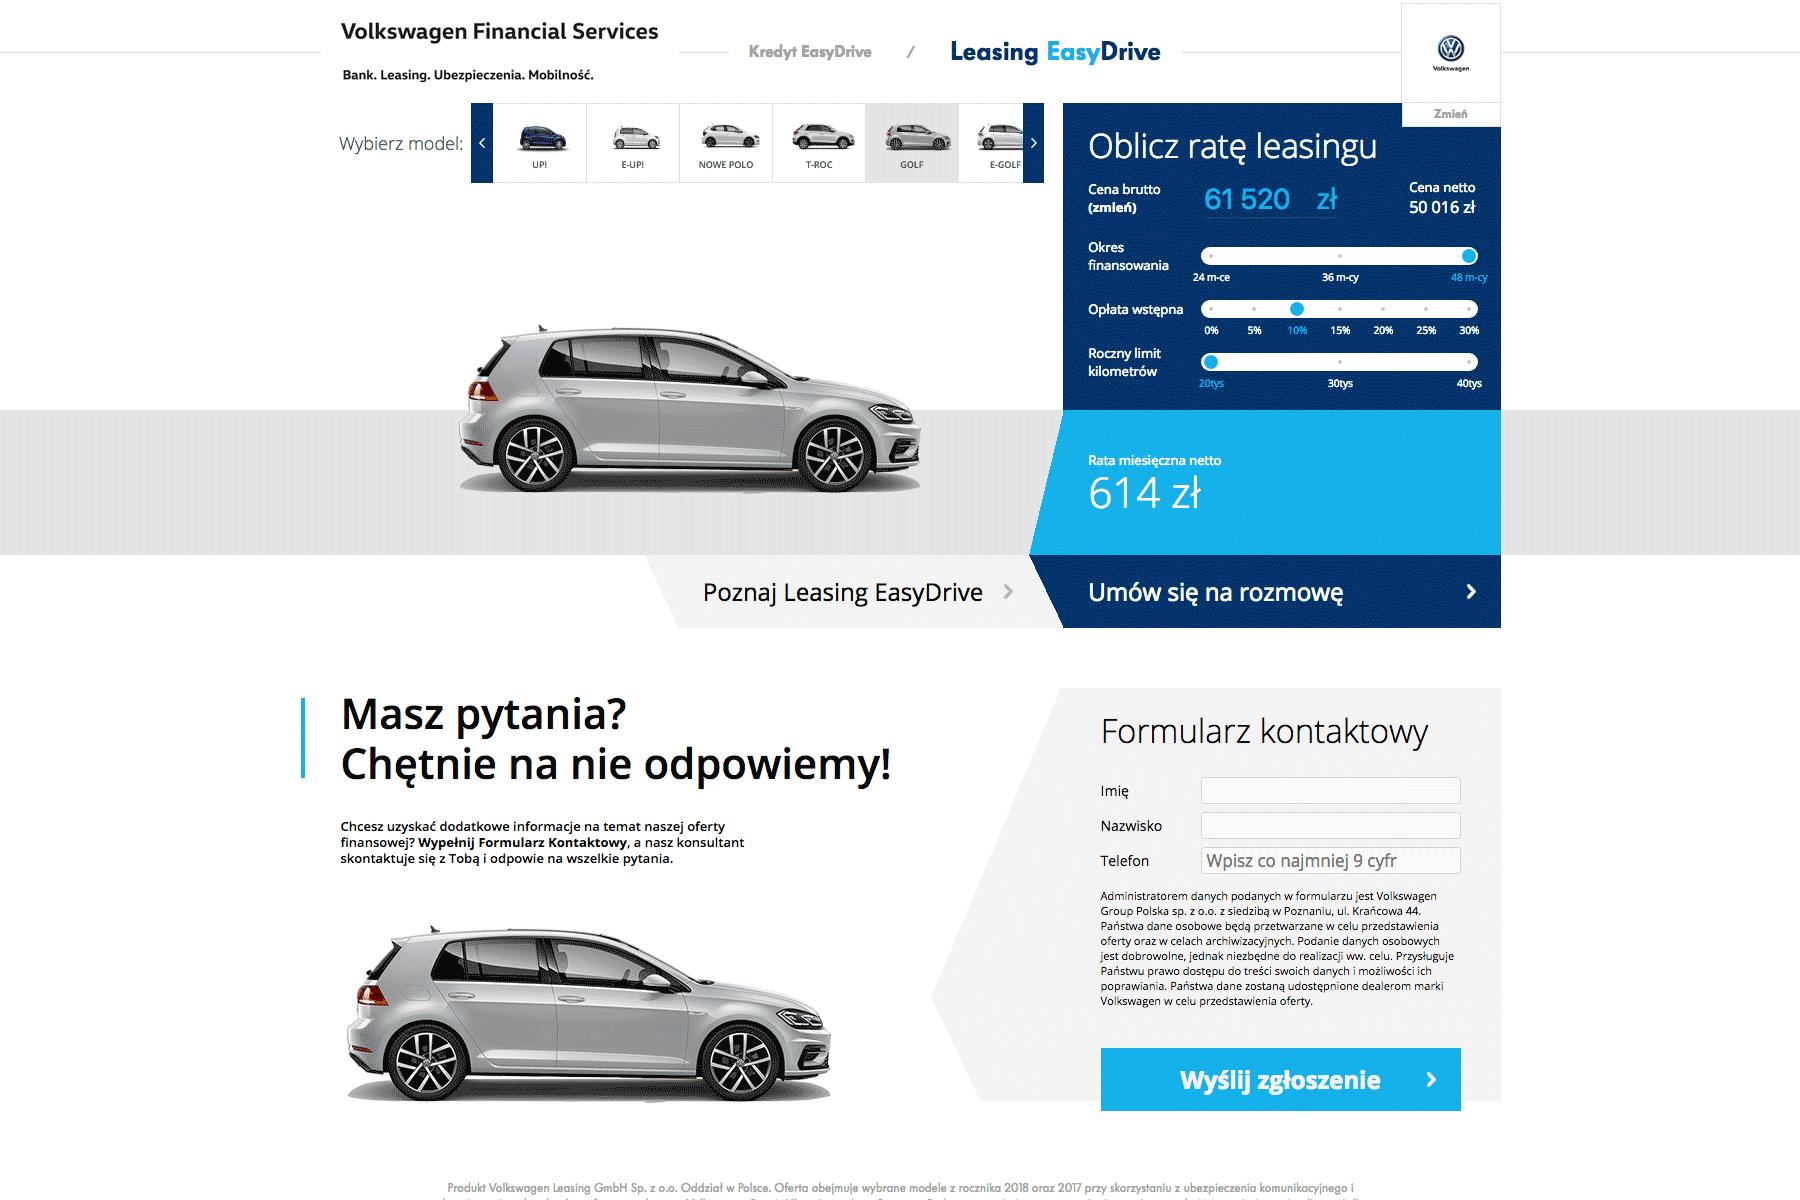 Примерный расчет стоимости нового Гольфа можно сделать в лизинговом калькуляторе Kalkulator.vwbank.pl